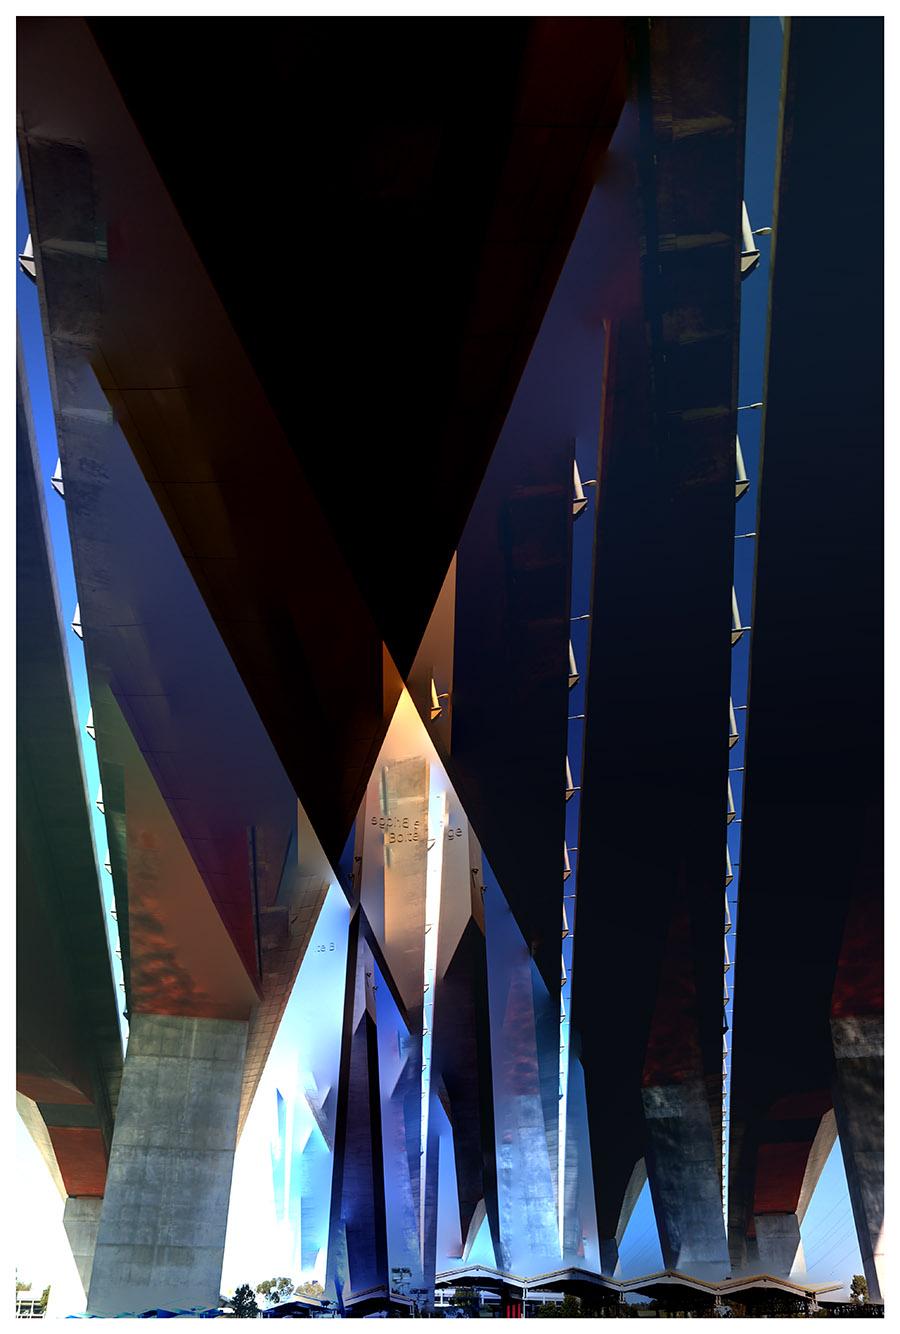 bridgePlay1sm.jpg